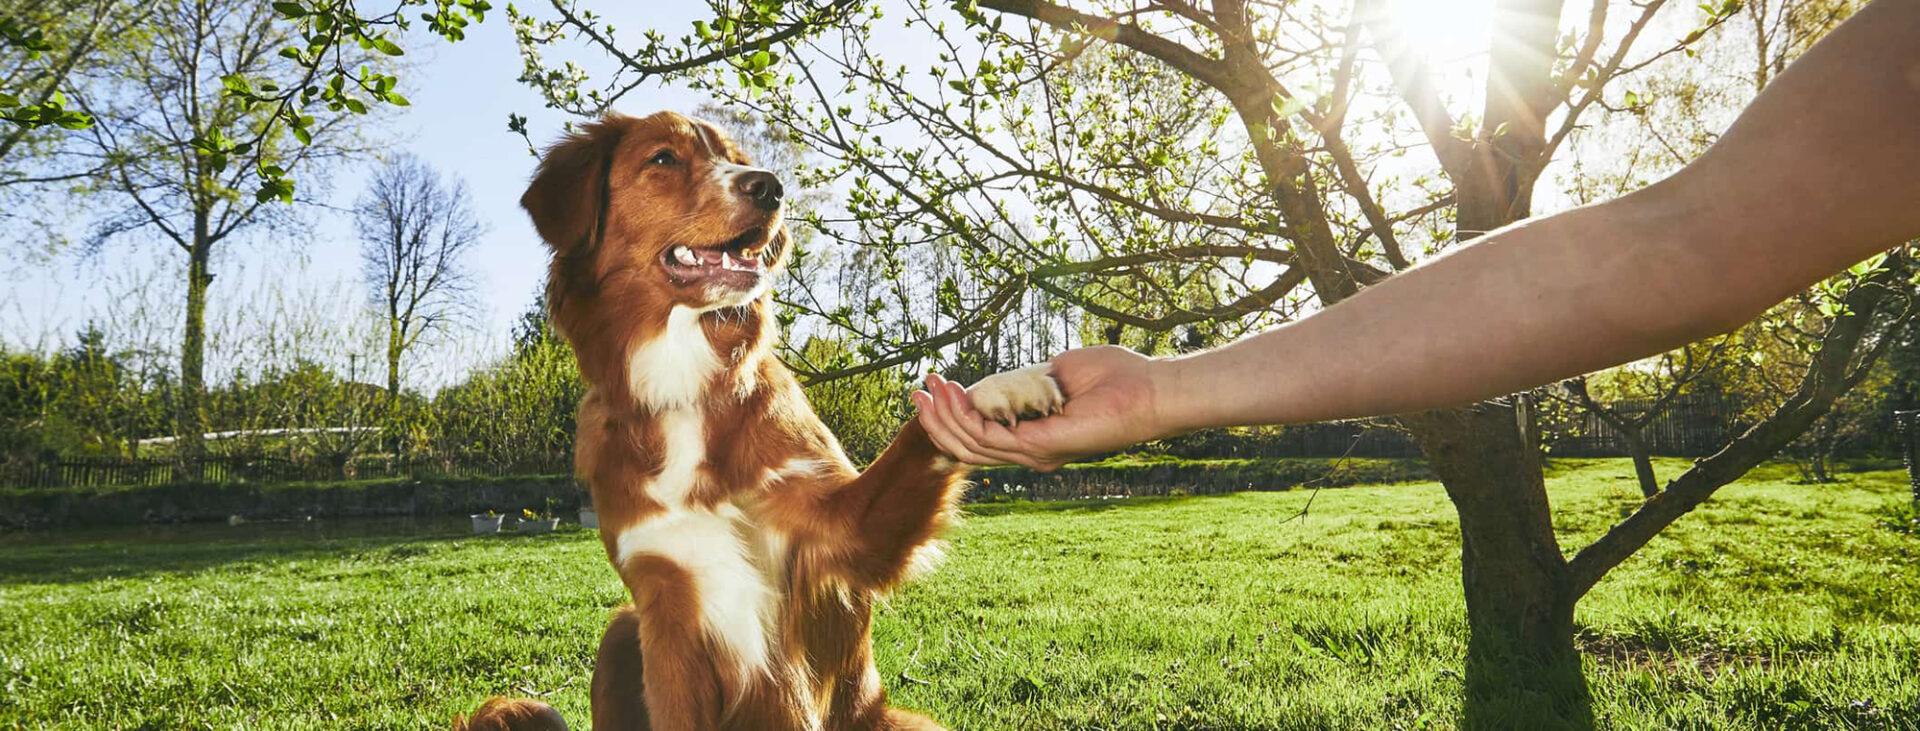 Dog Training – The Basic Commands - 6